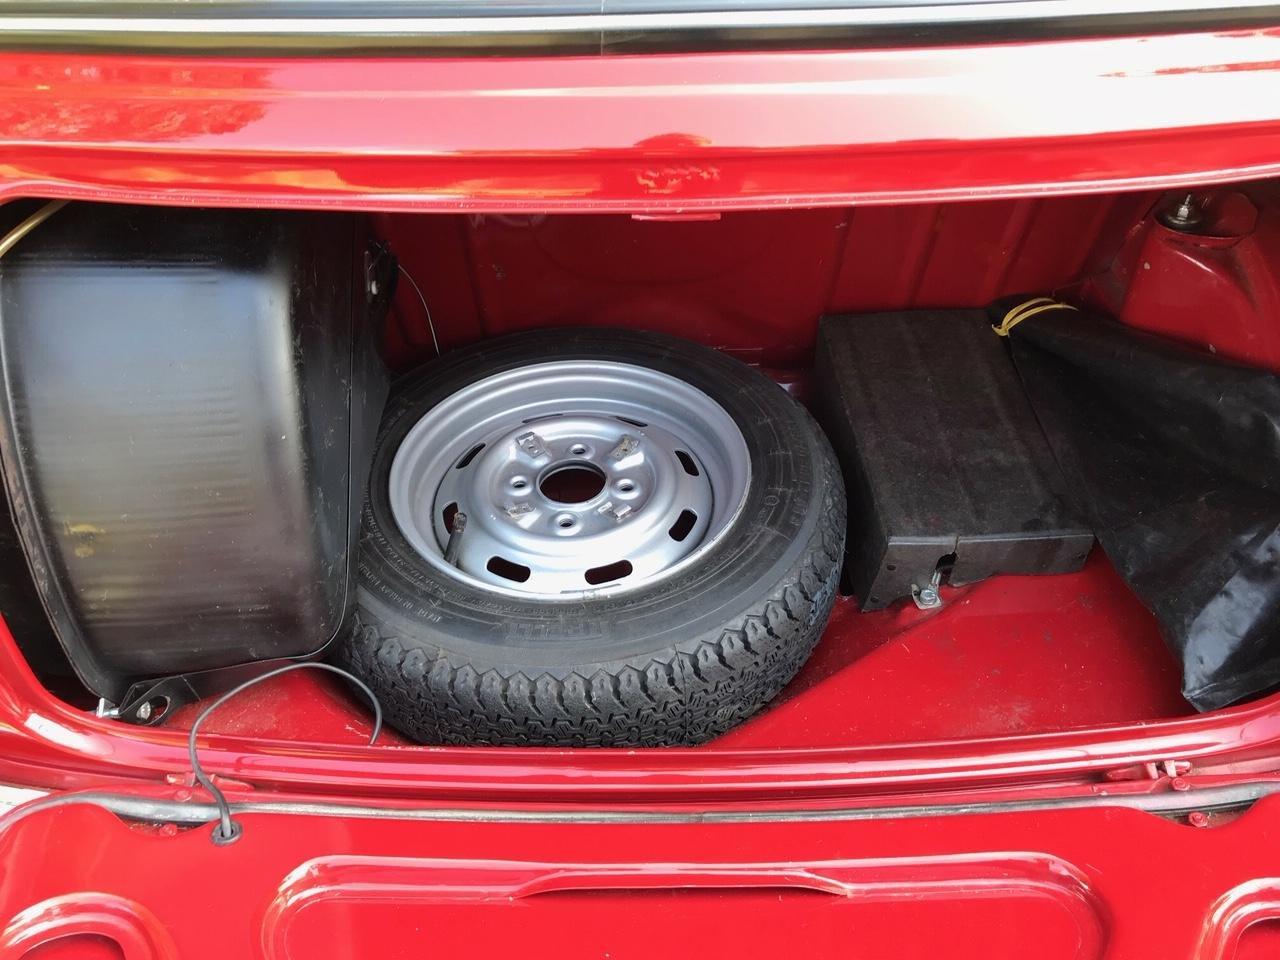 1986 Austin Mini 1000 City E - Genuine 15,000 Mile SOLD (picture 5 of 6)